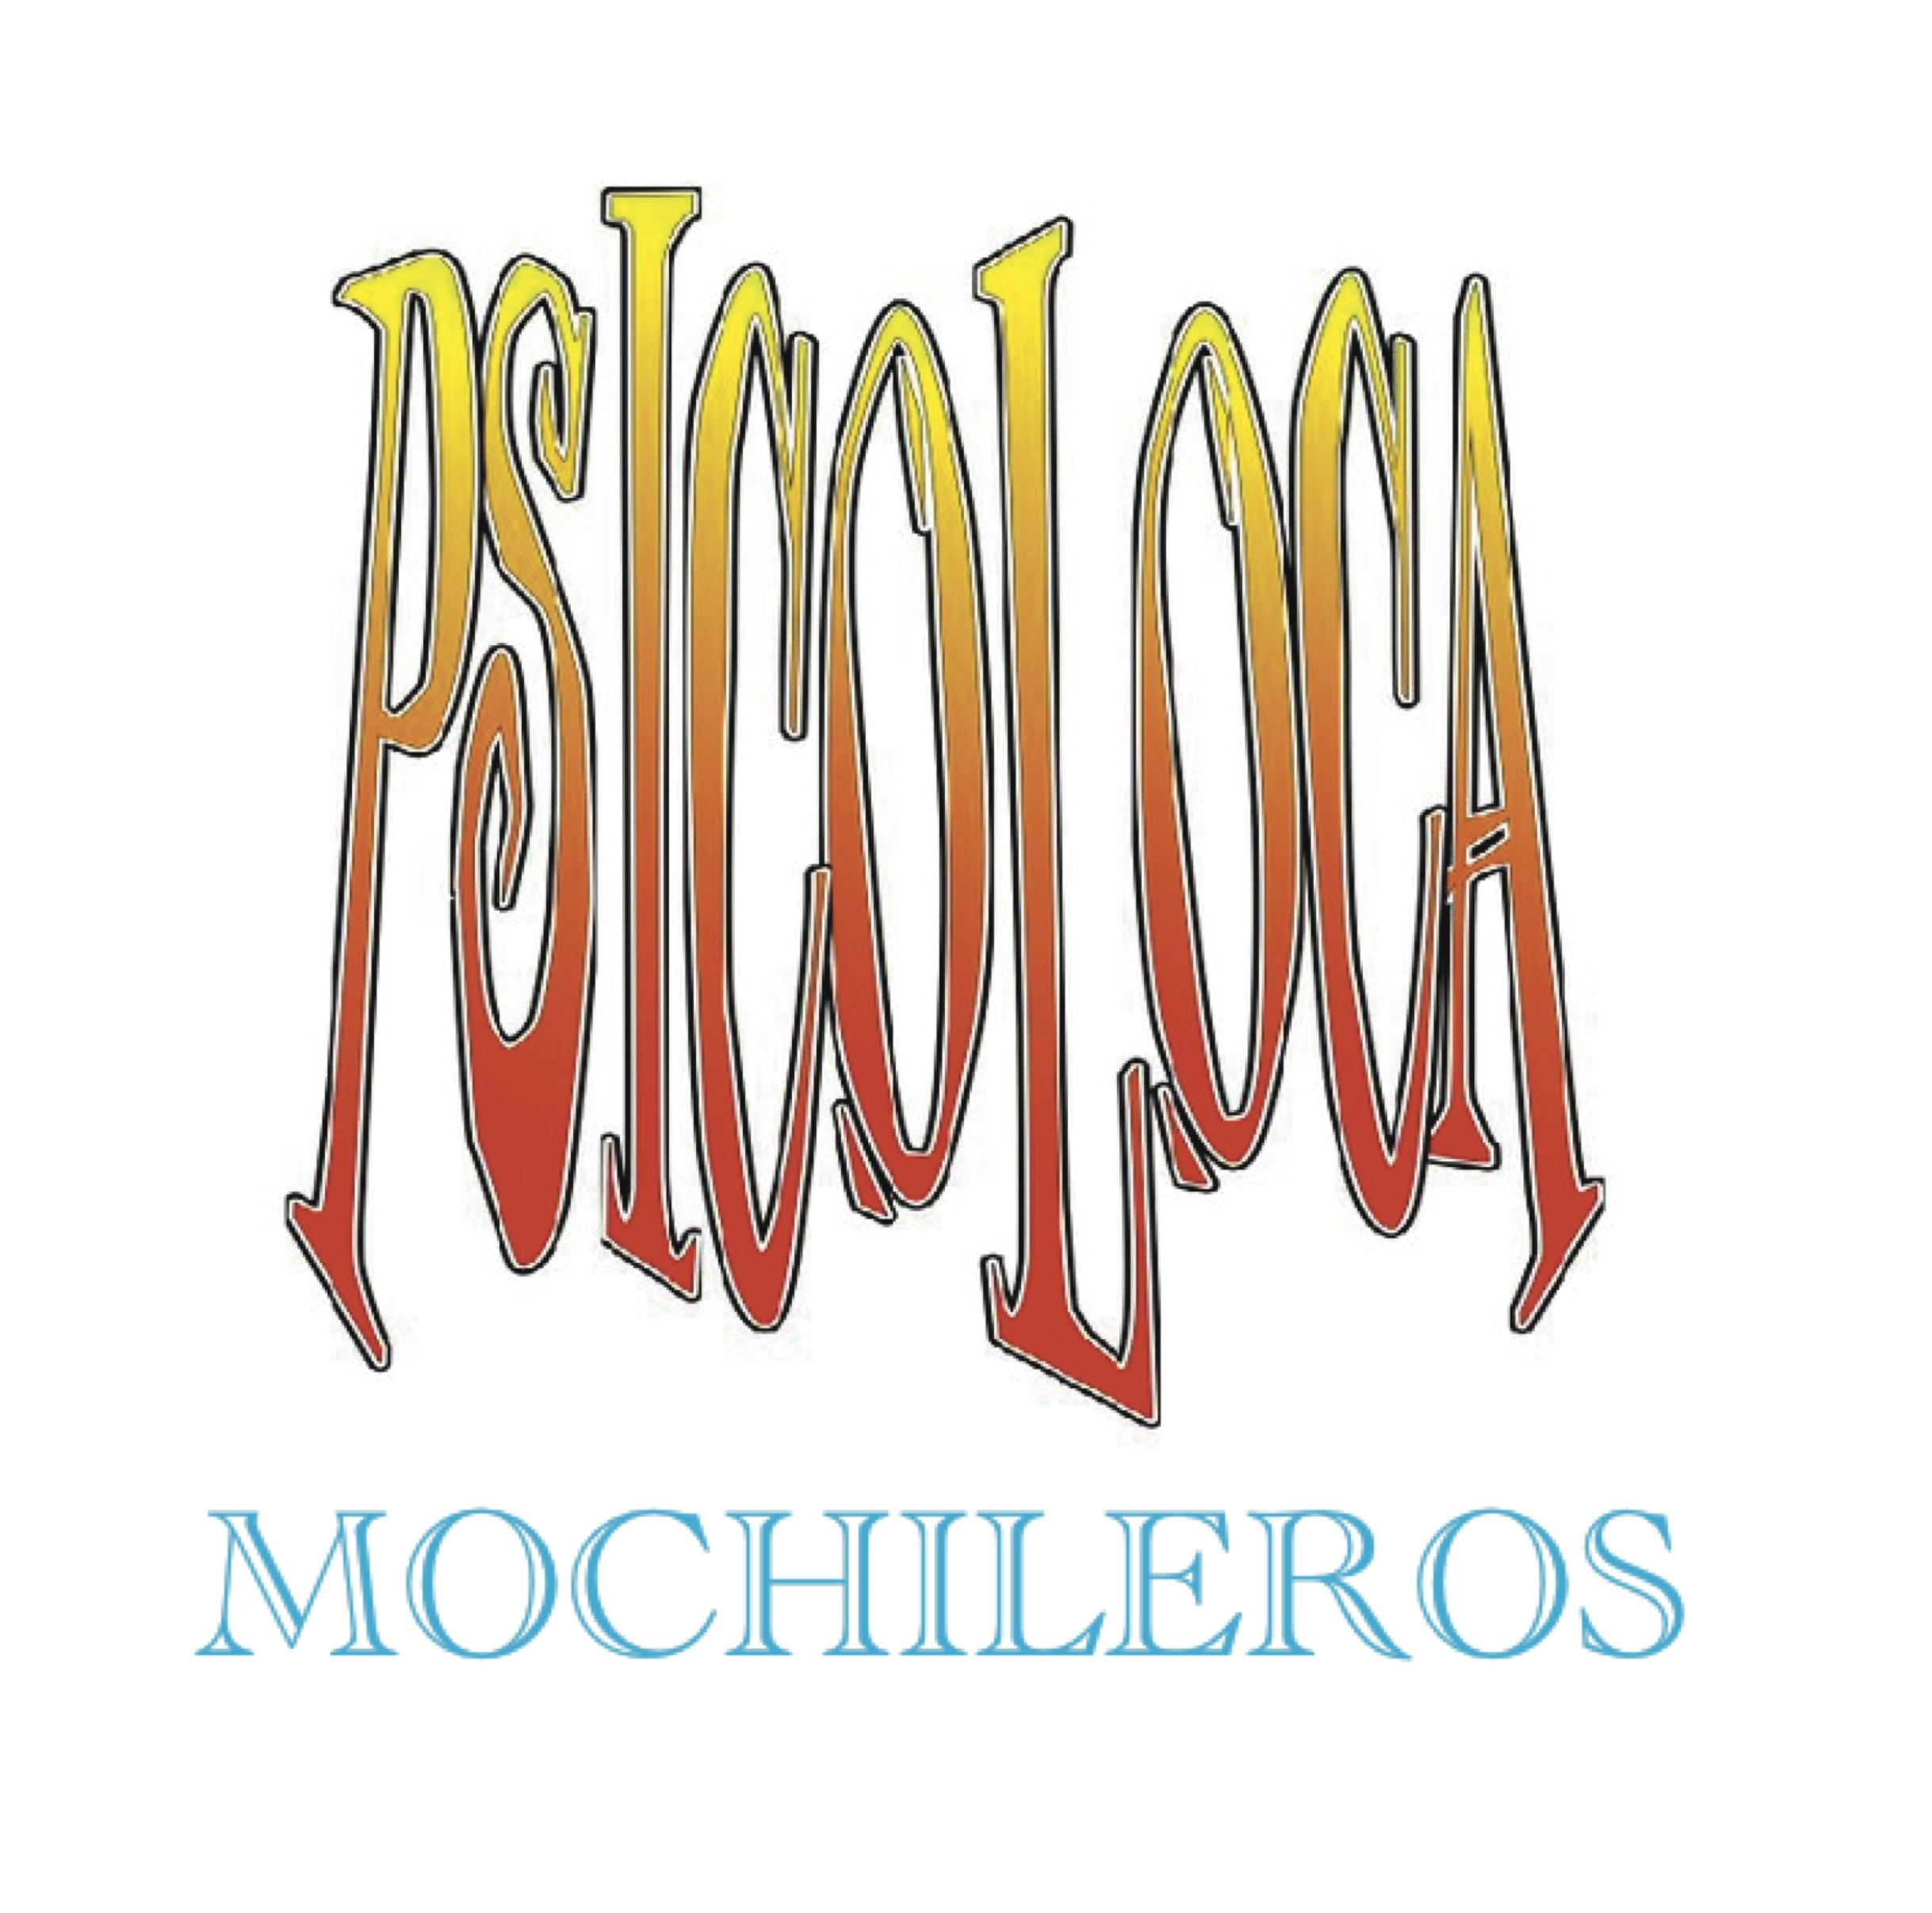 PSICOLOGÍA Mochileros by PSICOLOCA